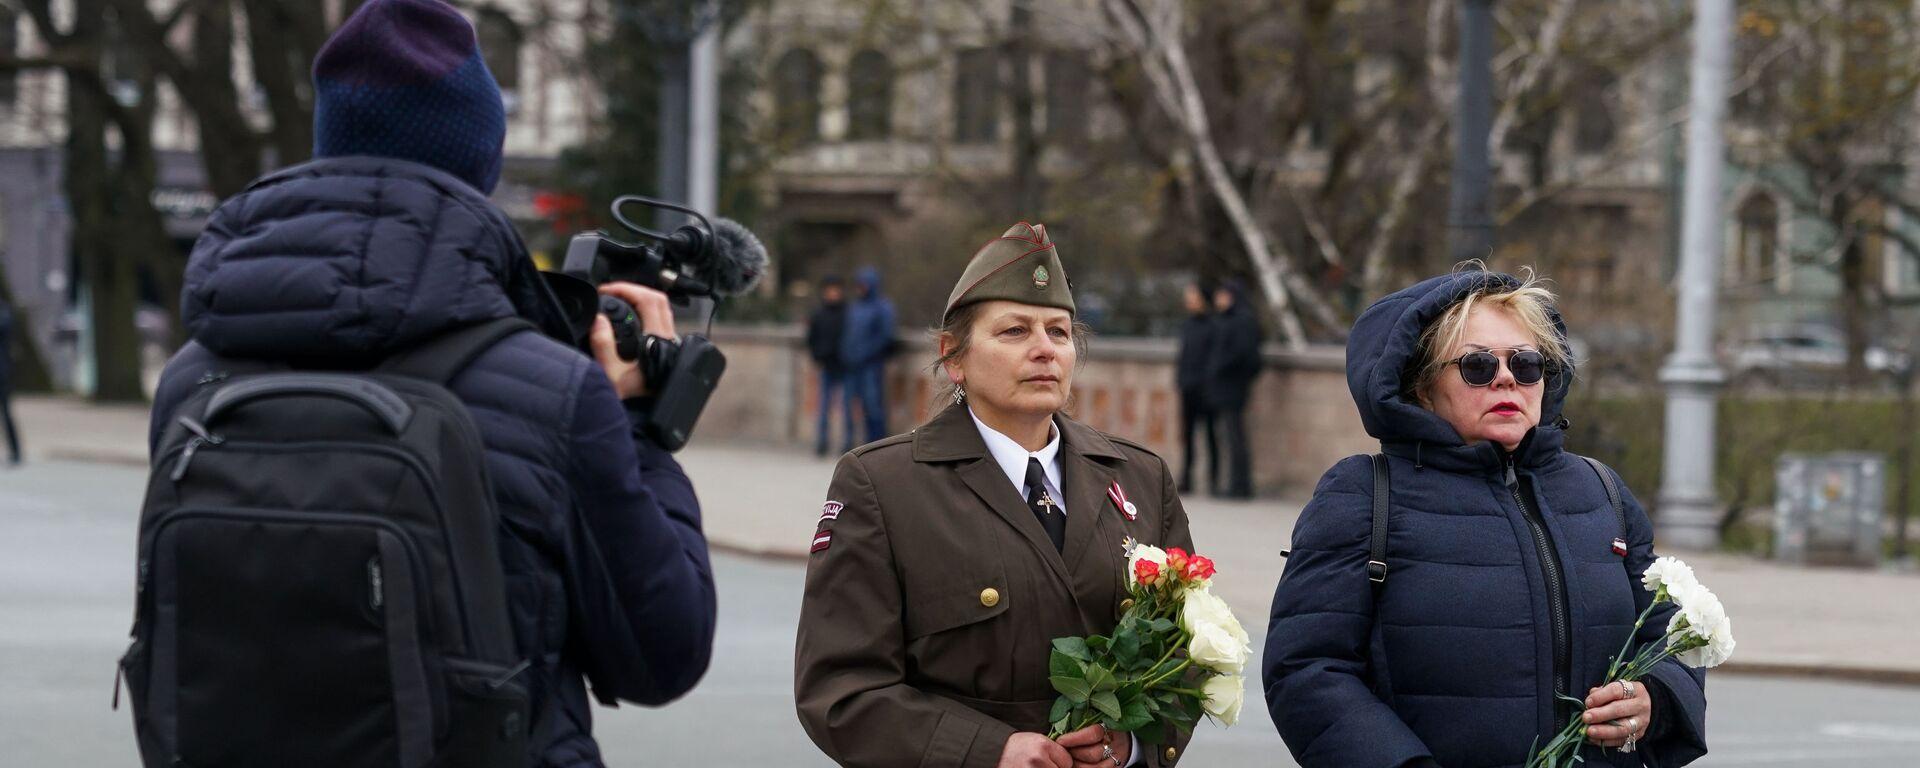 Возложение цветов к памятнику Свободы в Риге 16 марта 2020 года - Sputnik Латвия, 1920, 12.03.2021